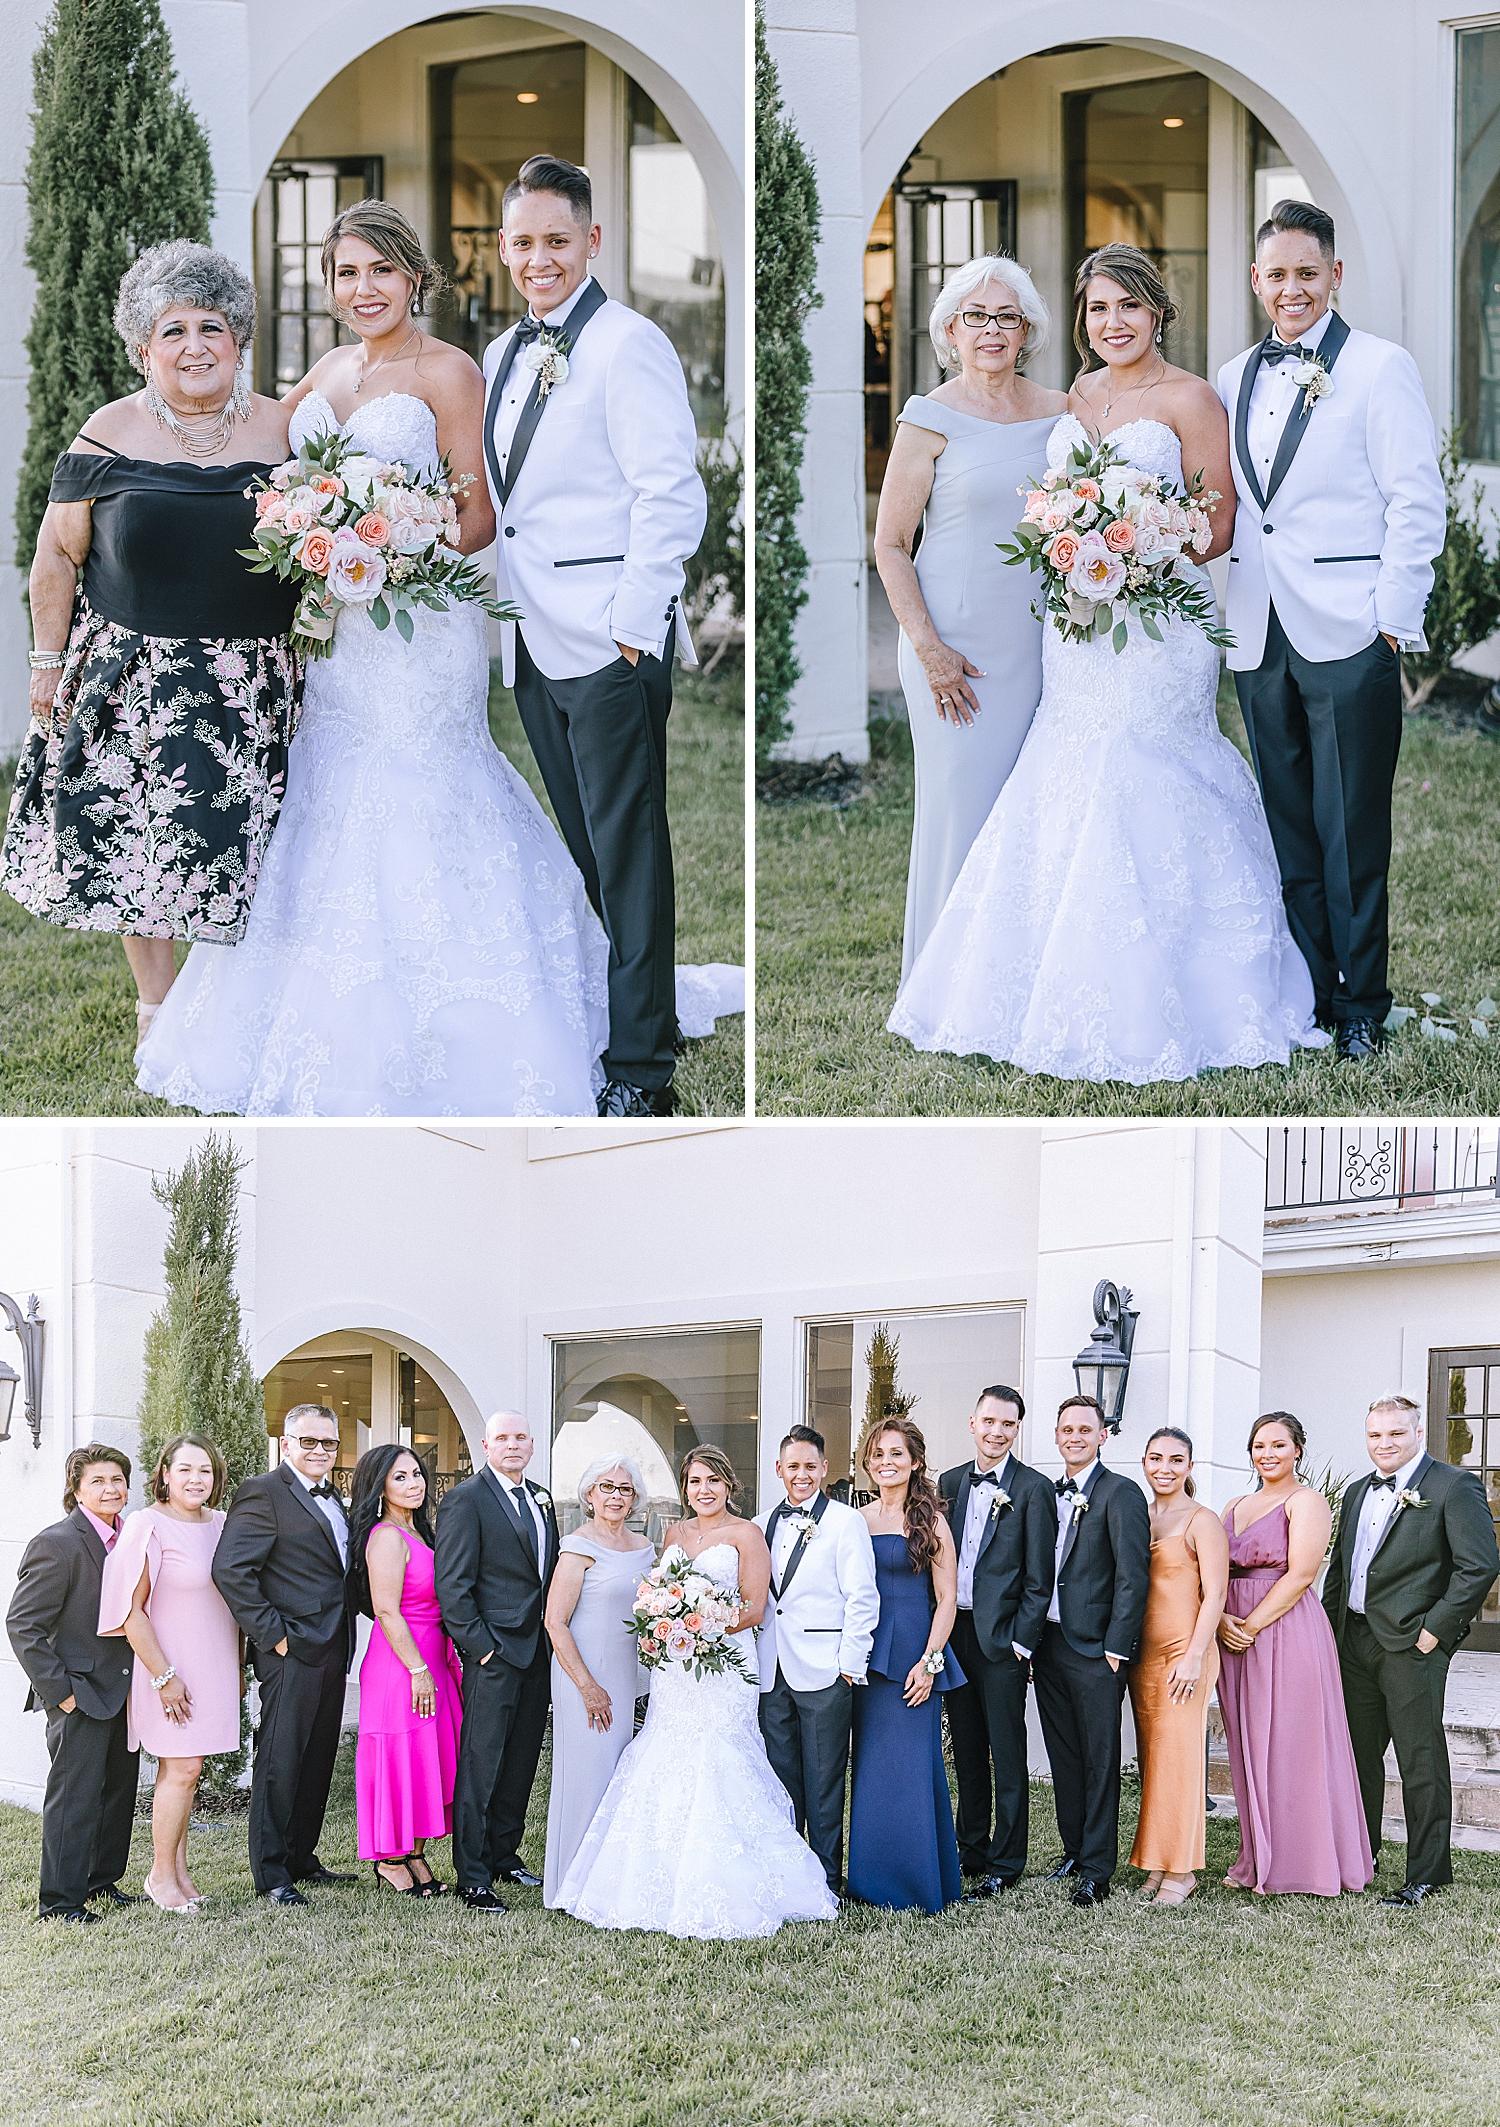 Carly-Barton-Photography-The-Villa-at-Cielo-Vista-Blush-Gold-White-Wedding-Photos_0136.jpg